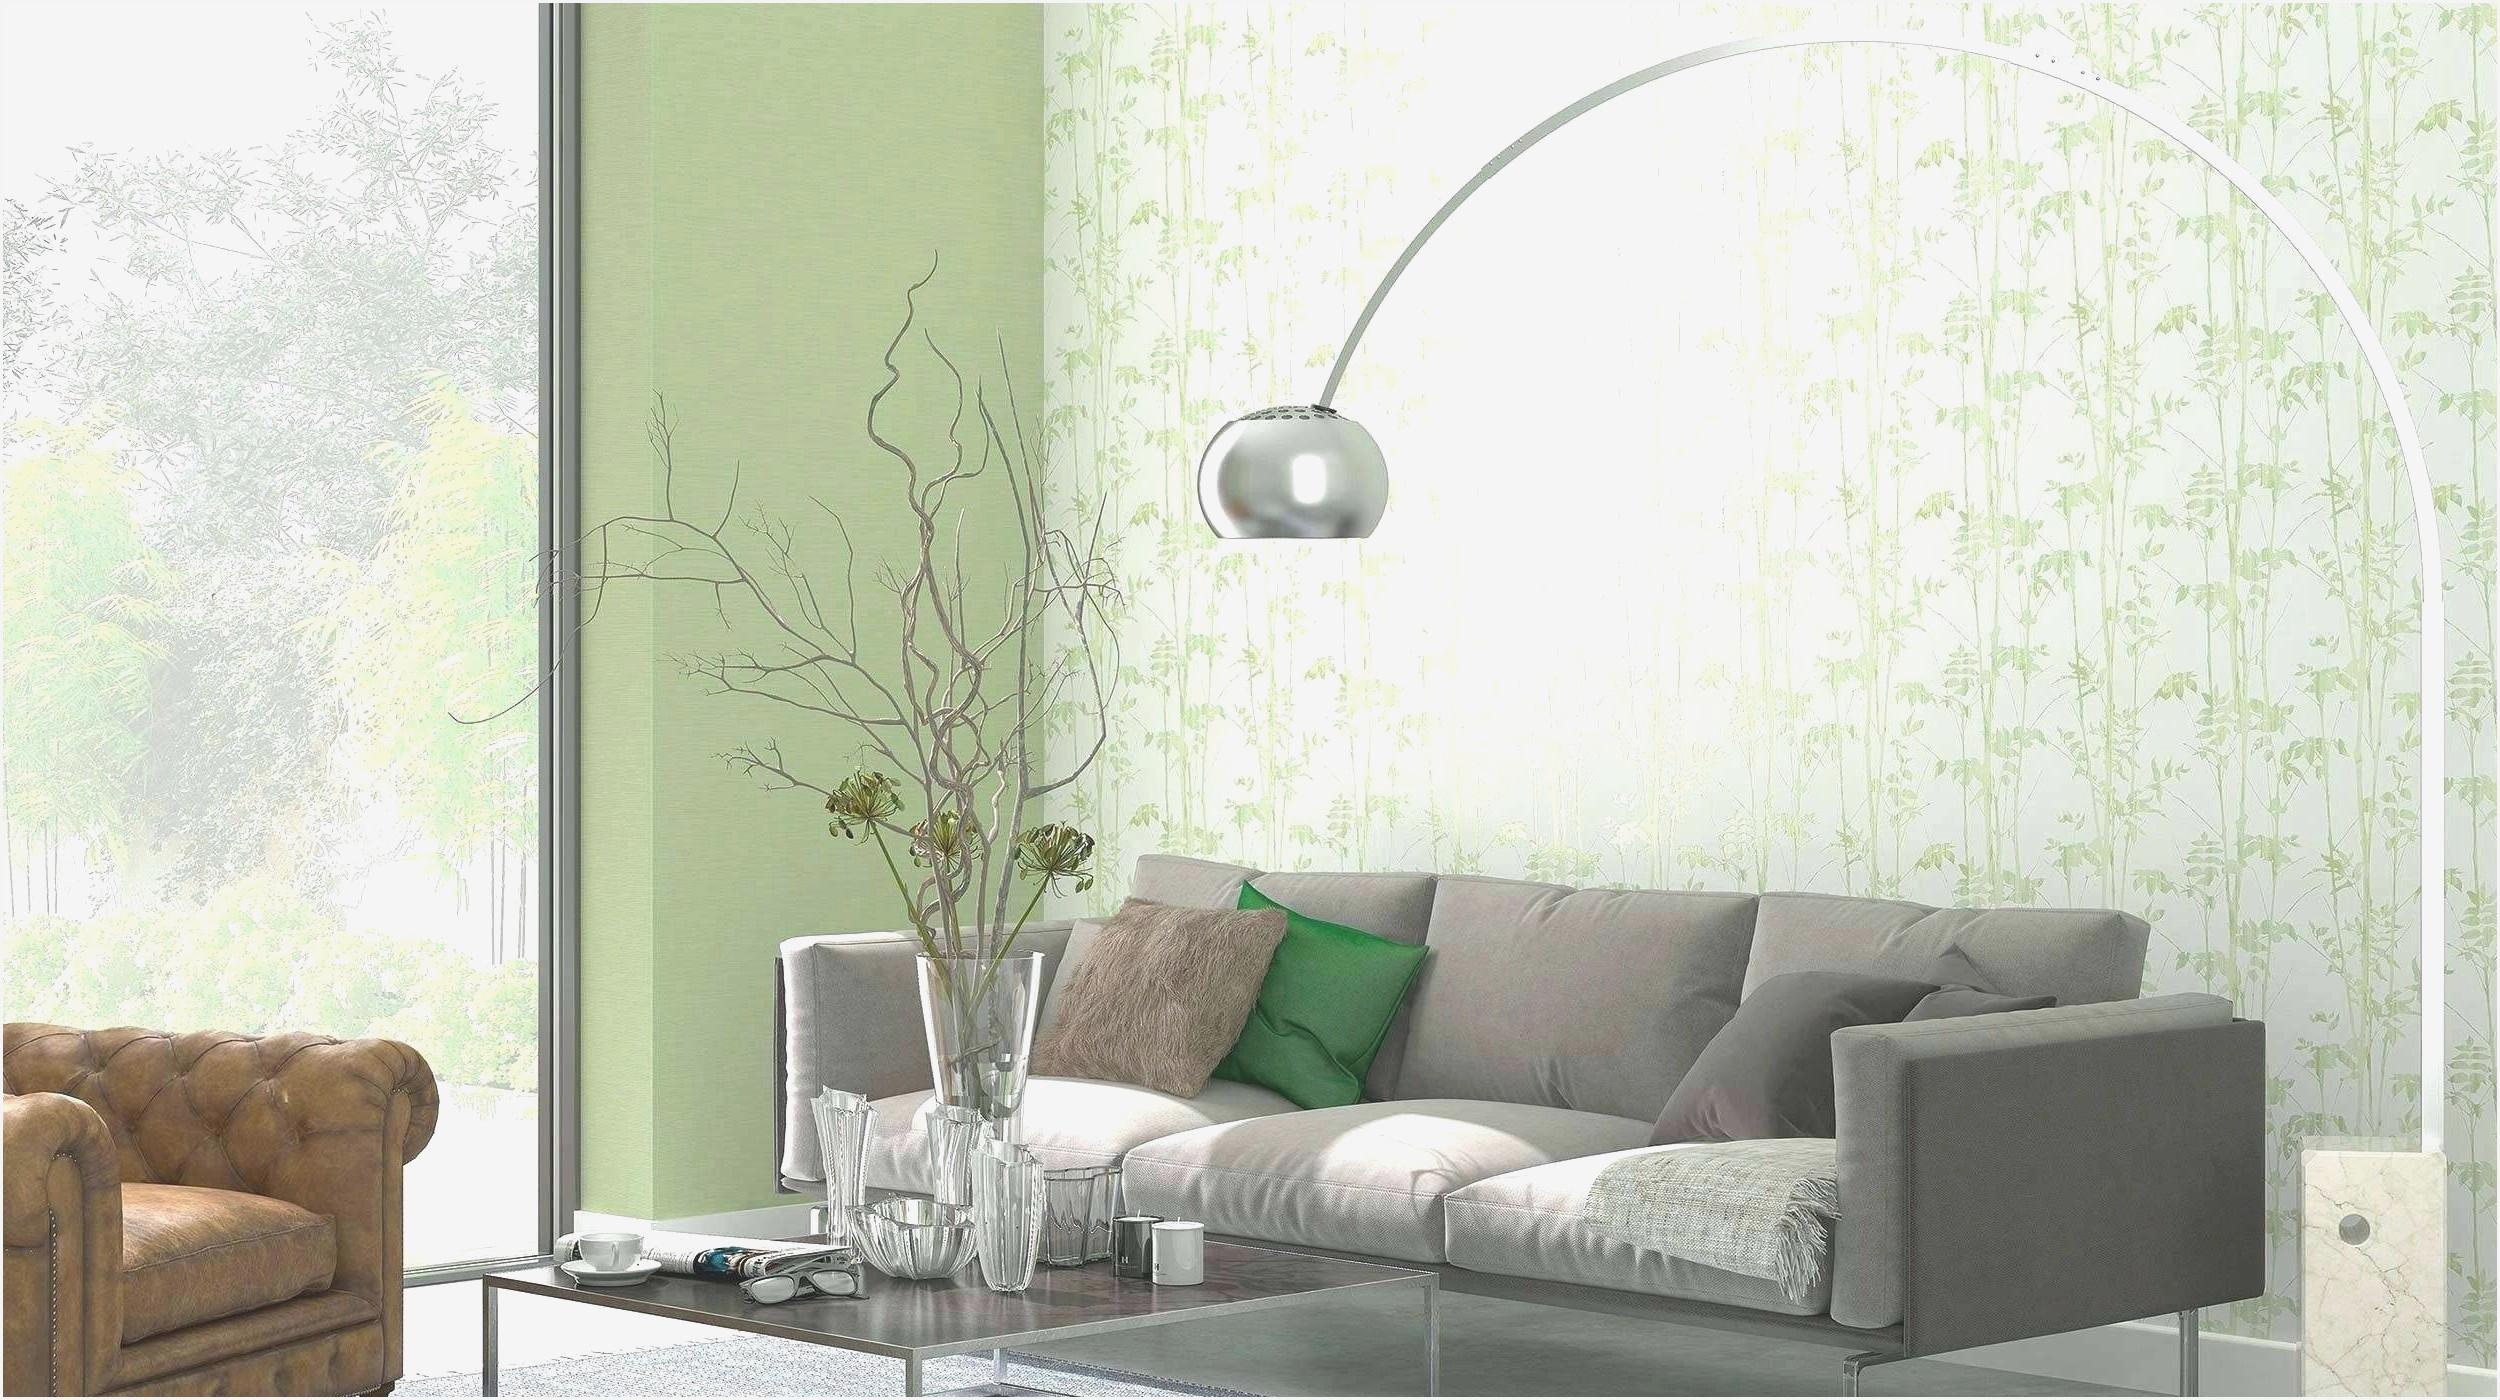 Gartendeko Wand Luxus Diy Ideen Wand Deko Wohnzimmer Wohnzimmer Traumhaus